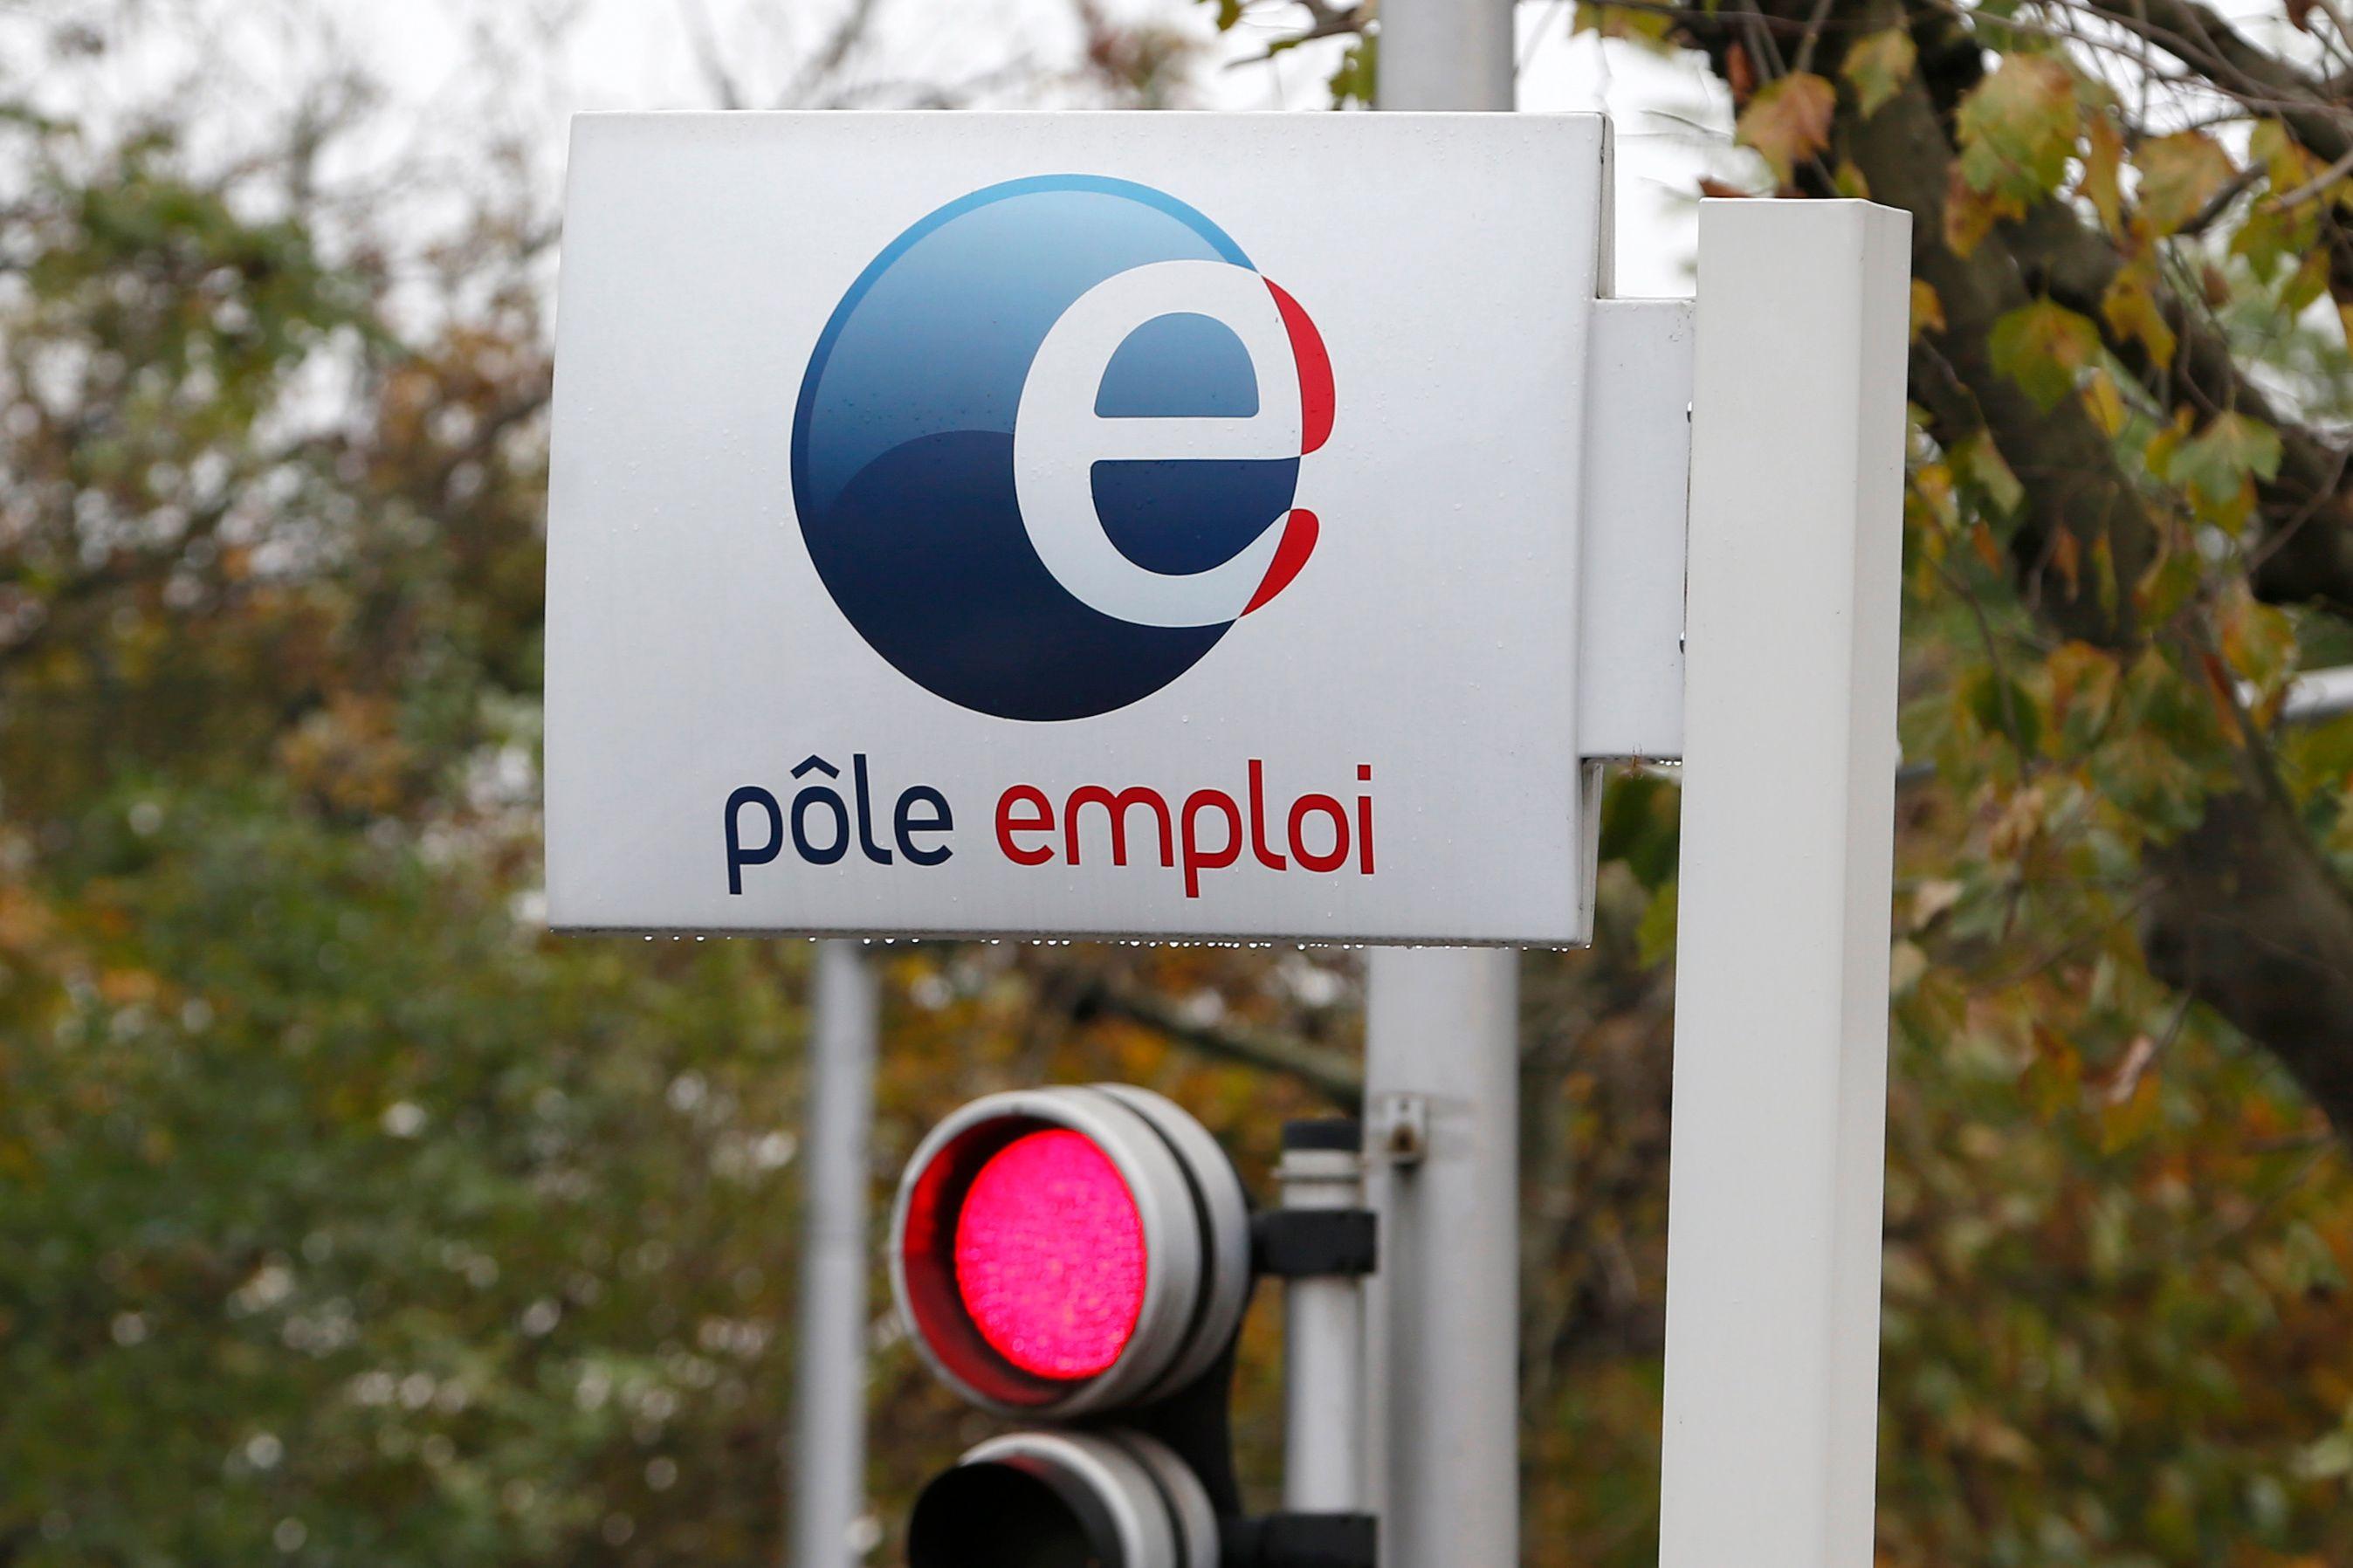 Emploi : comment les spécificités du marché du travail français empêchent le pays de suivre le mouvement de reprise que connaît actuellement la zone euro